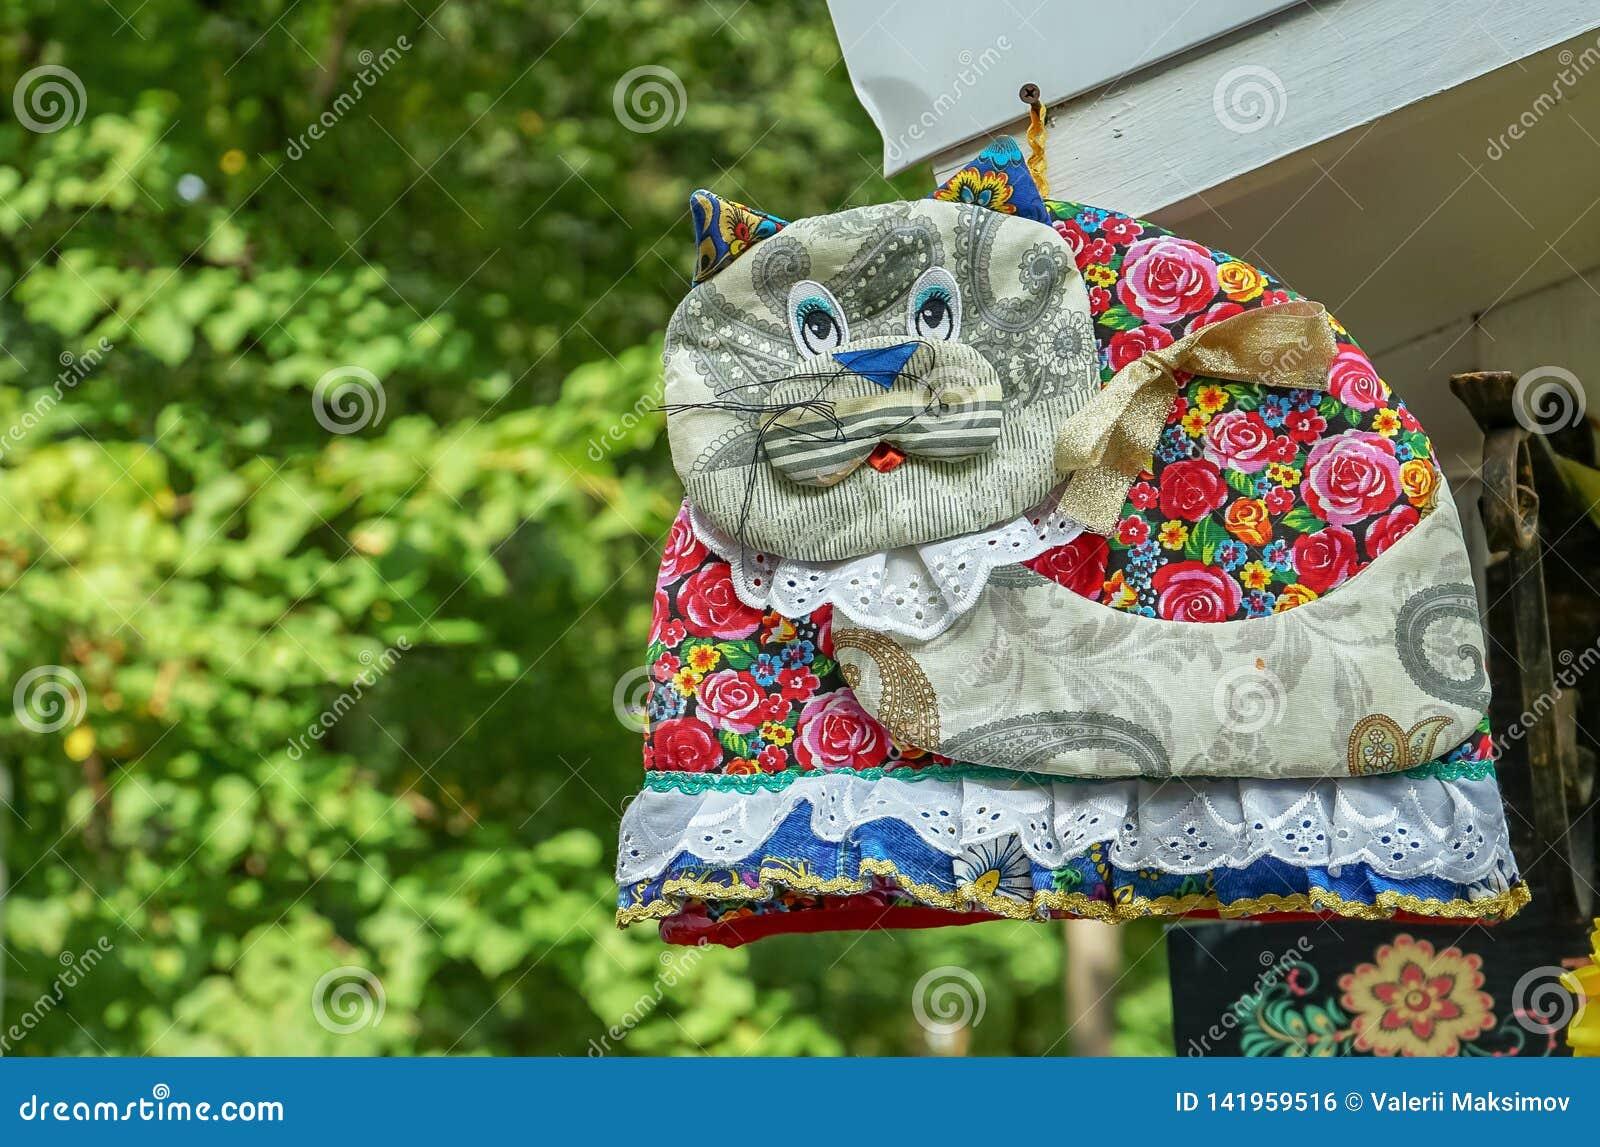 Διακοσμητική γάτα που ράβεται από τα διαφορετικά κομμάτια του υφάσματος